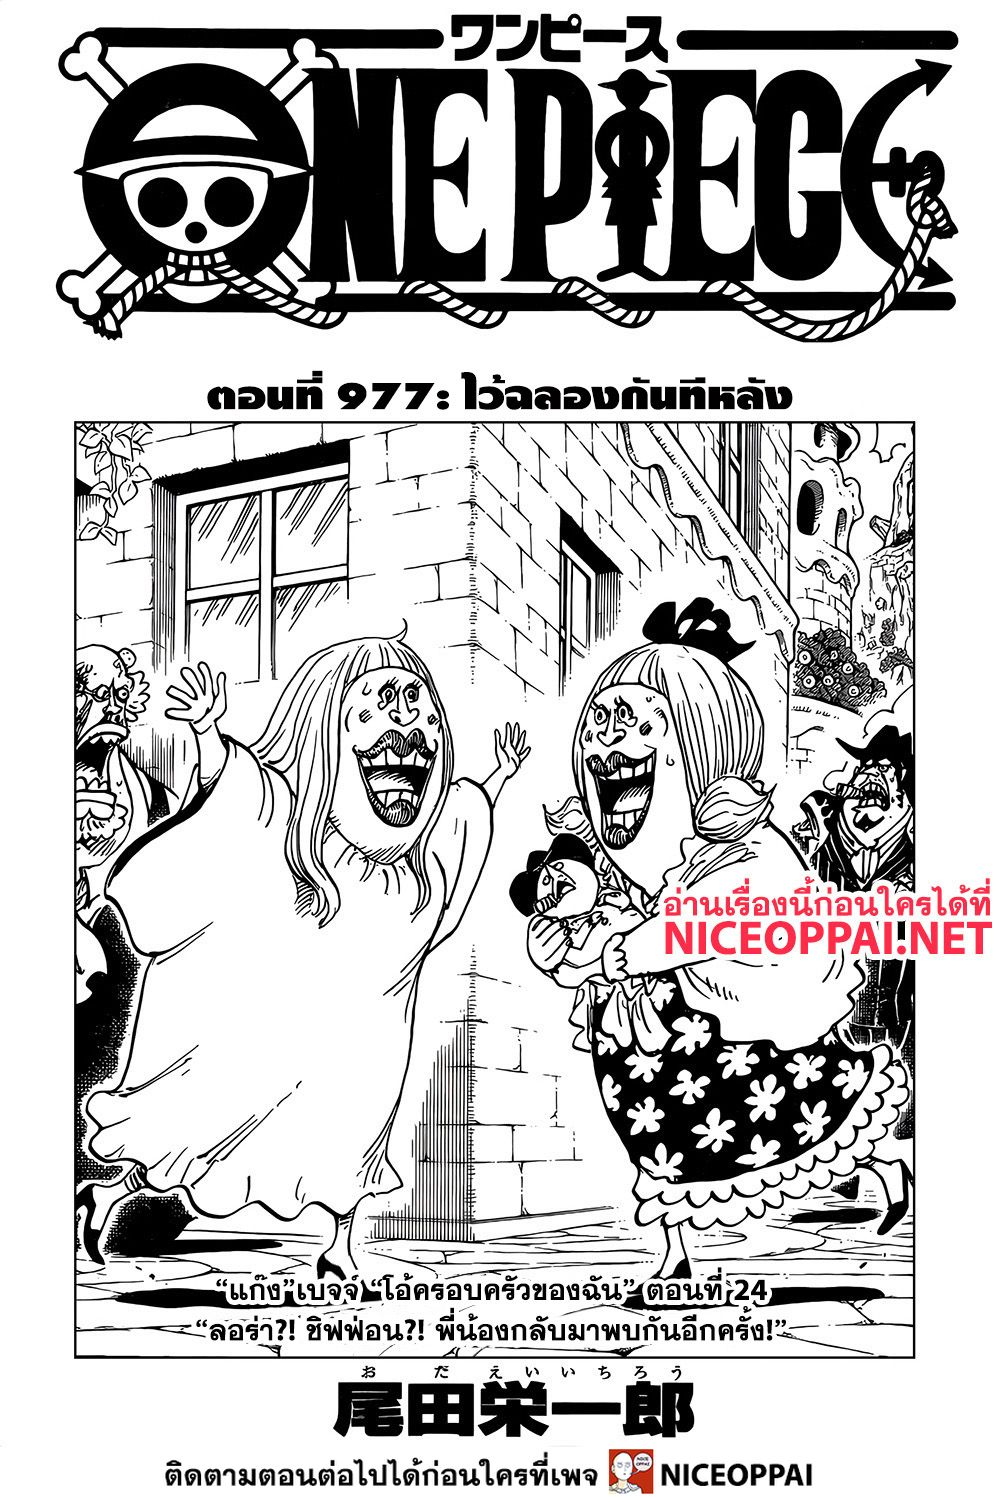 อ่านการ์ตูน One Piece ตอนที่ 977 หน้าที่ 2